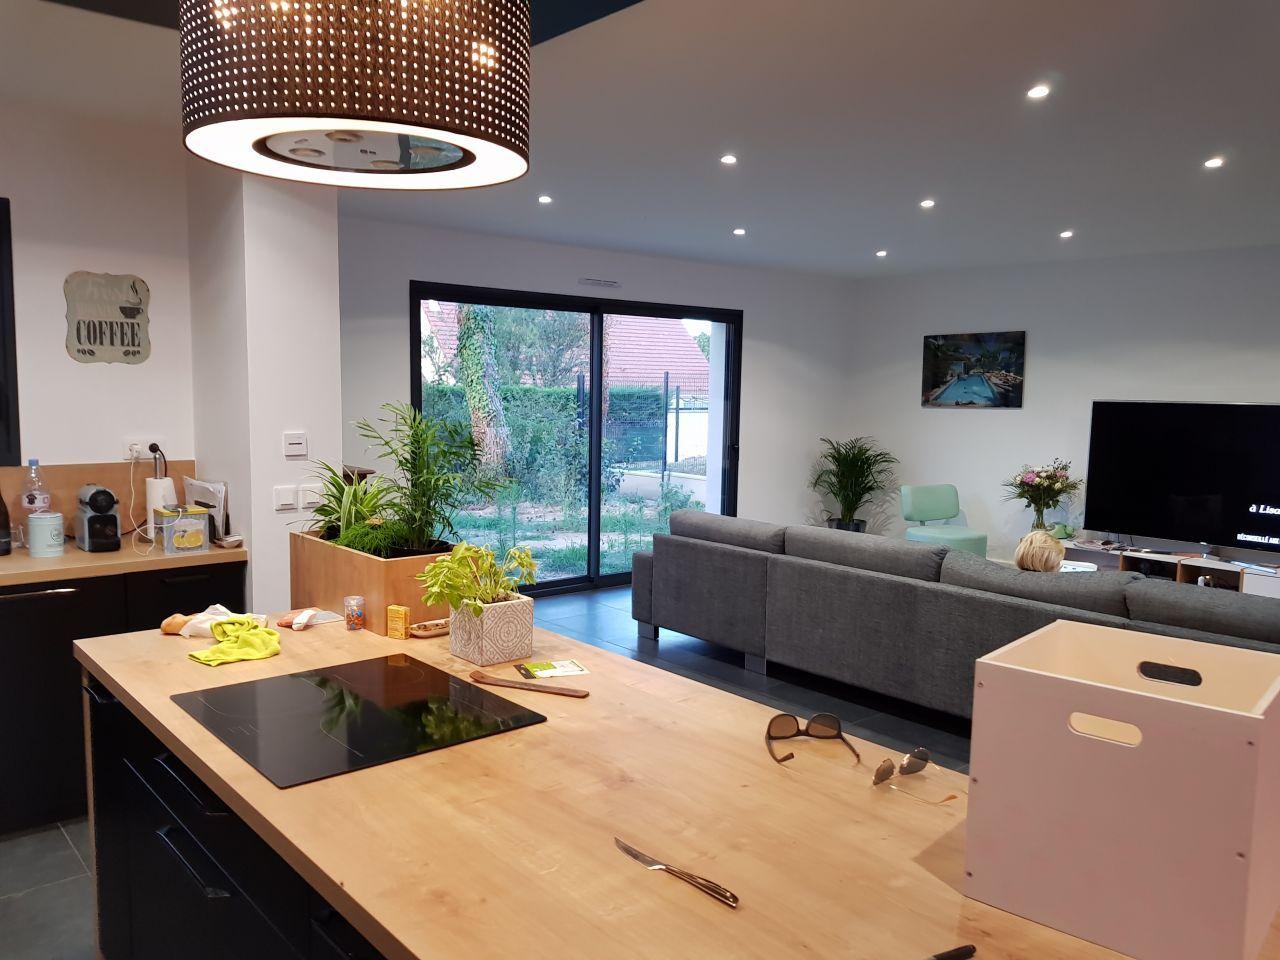 Salon - salle à manger 18m18 salon - salle à manger meubles en bois